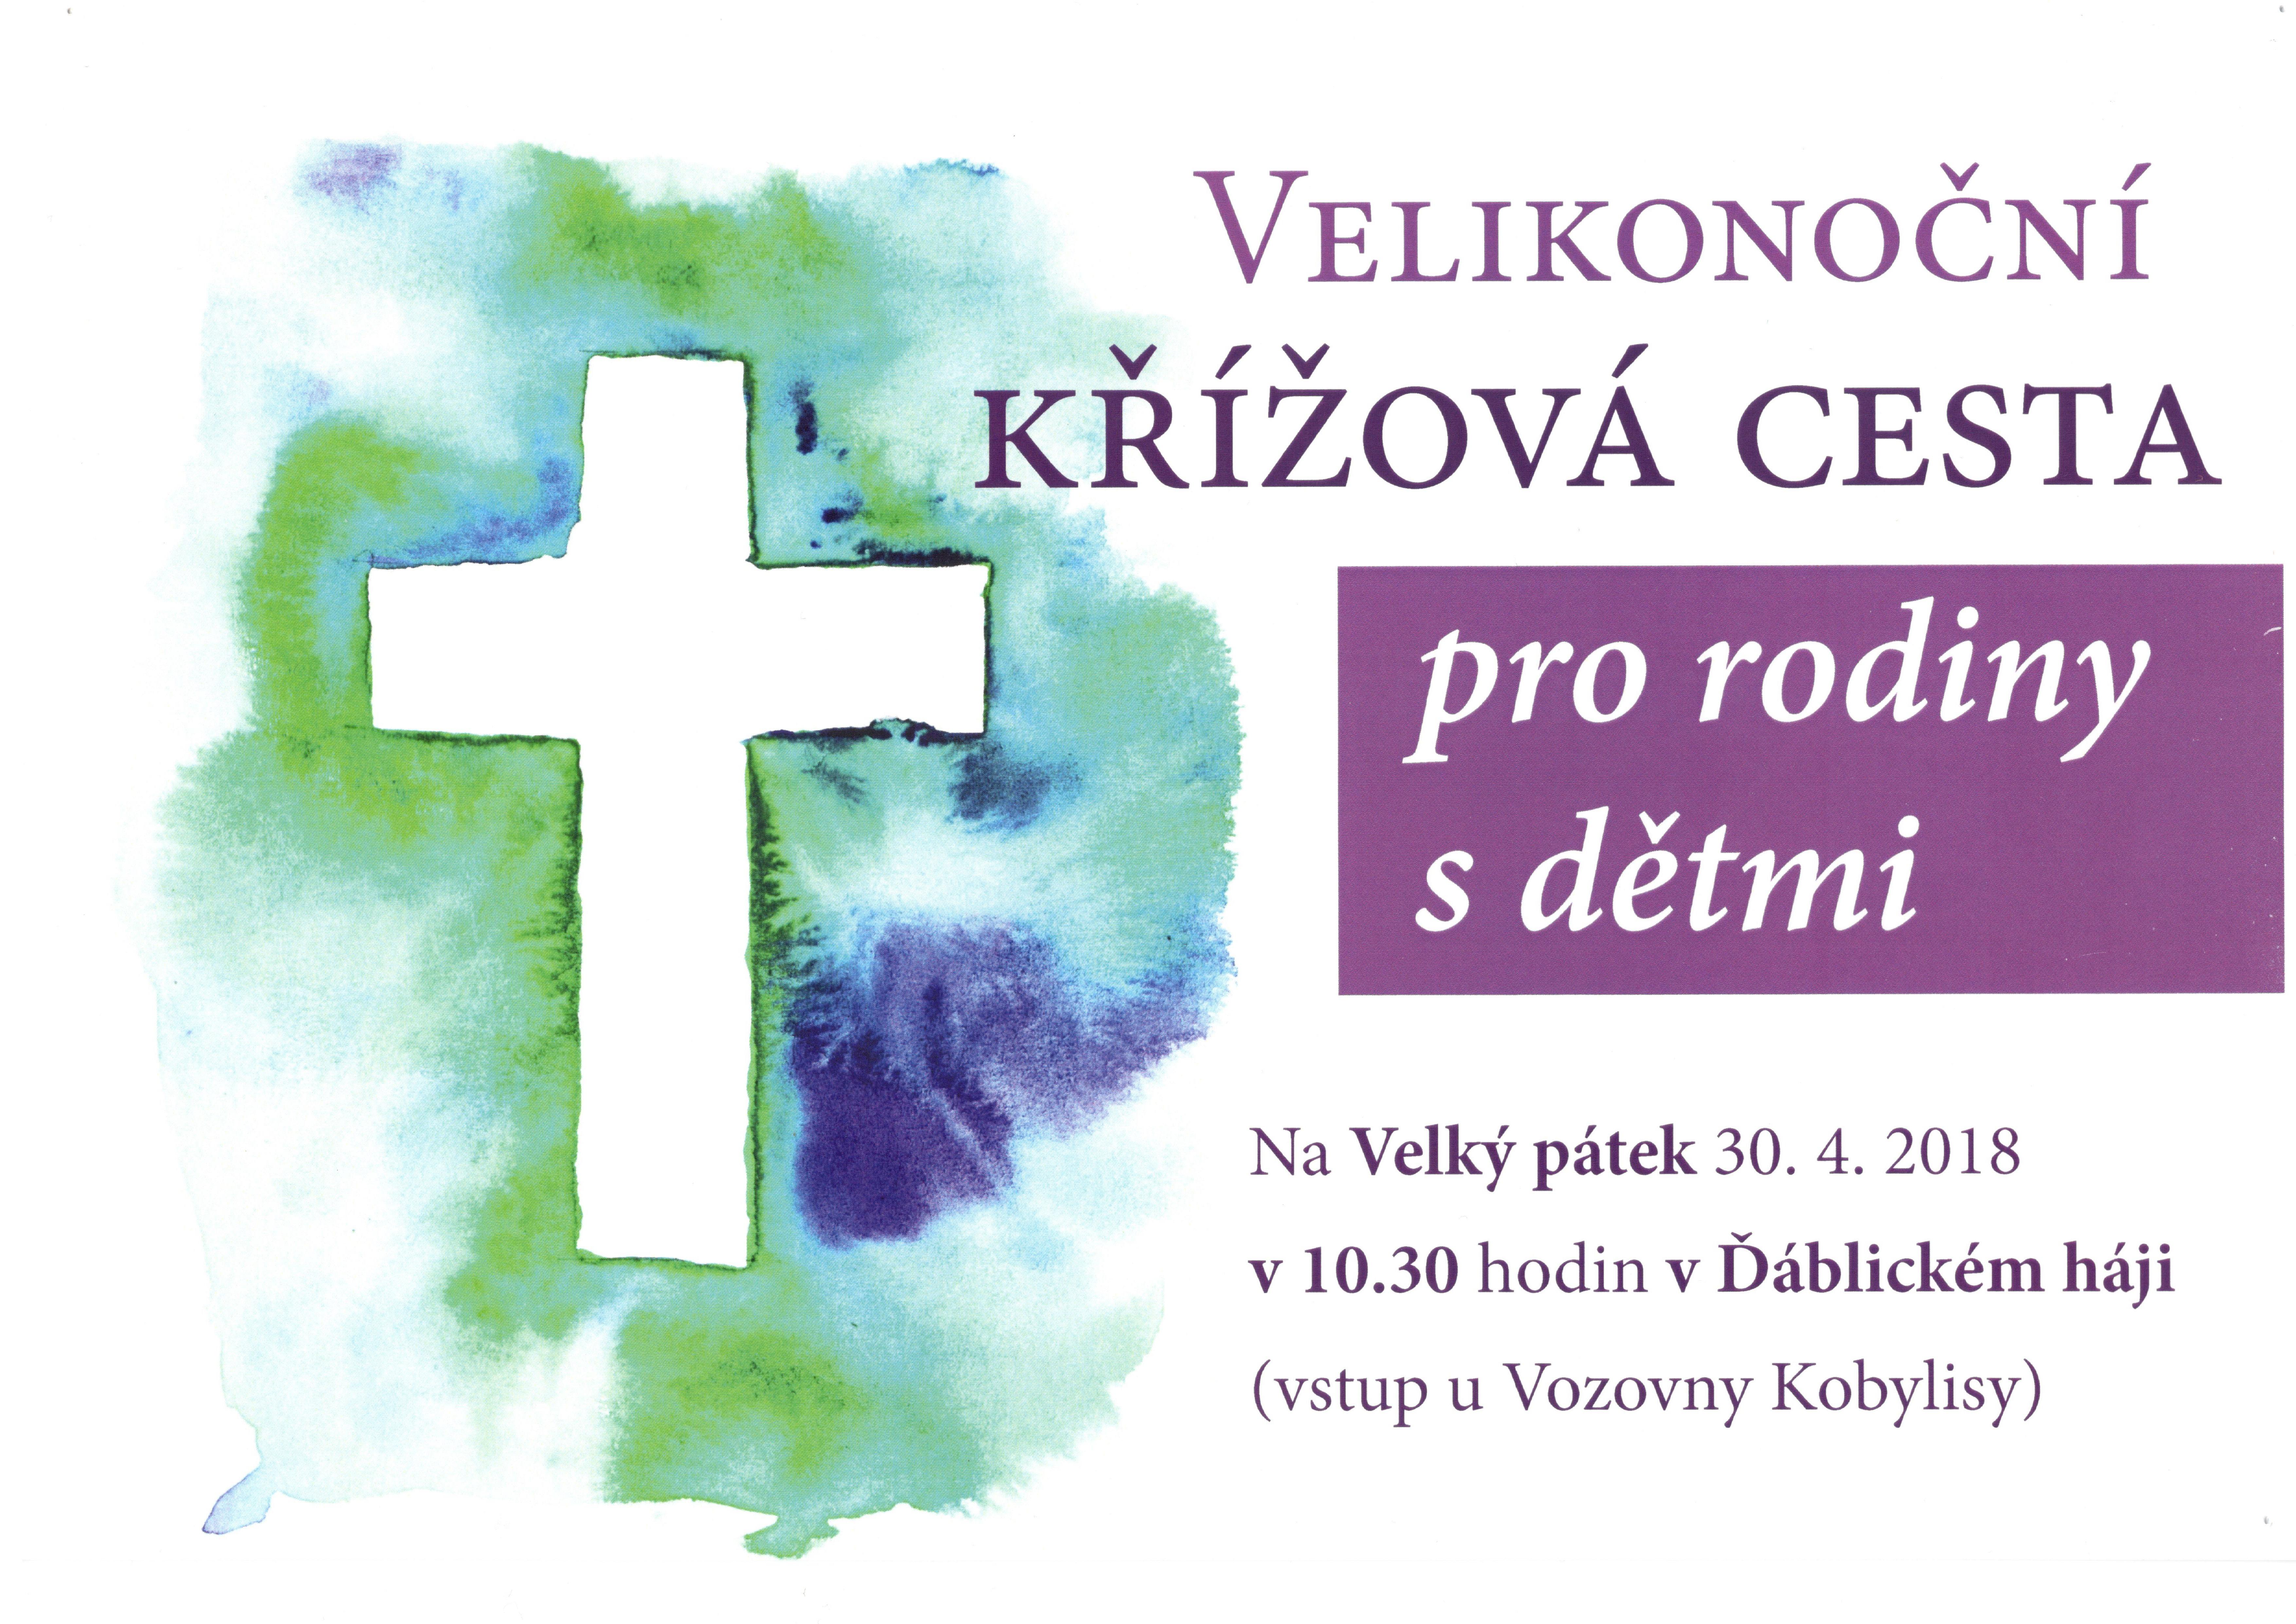 Sraz bude v 10.30 před Ďáblickým hájem u Vozovny Kobylisy. K účasti srdečně  zveme všechny a6e89da246